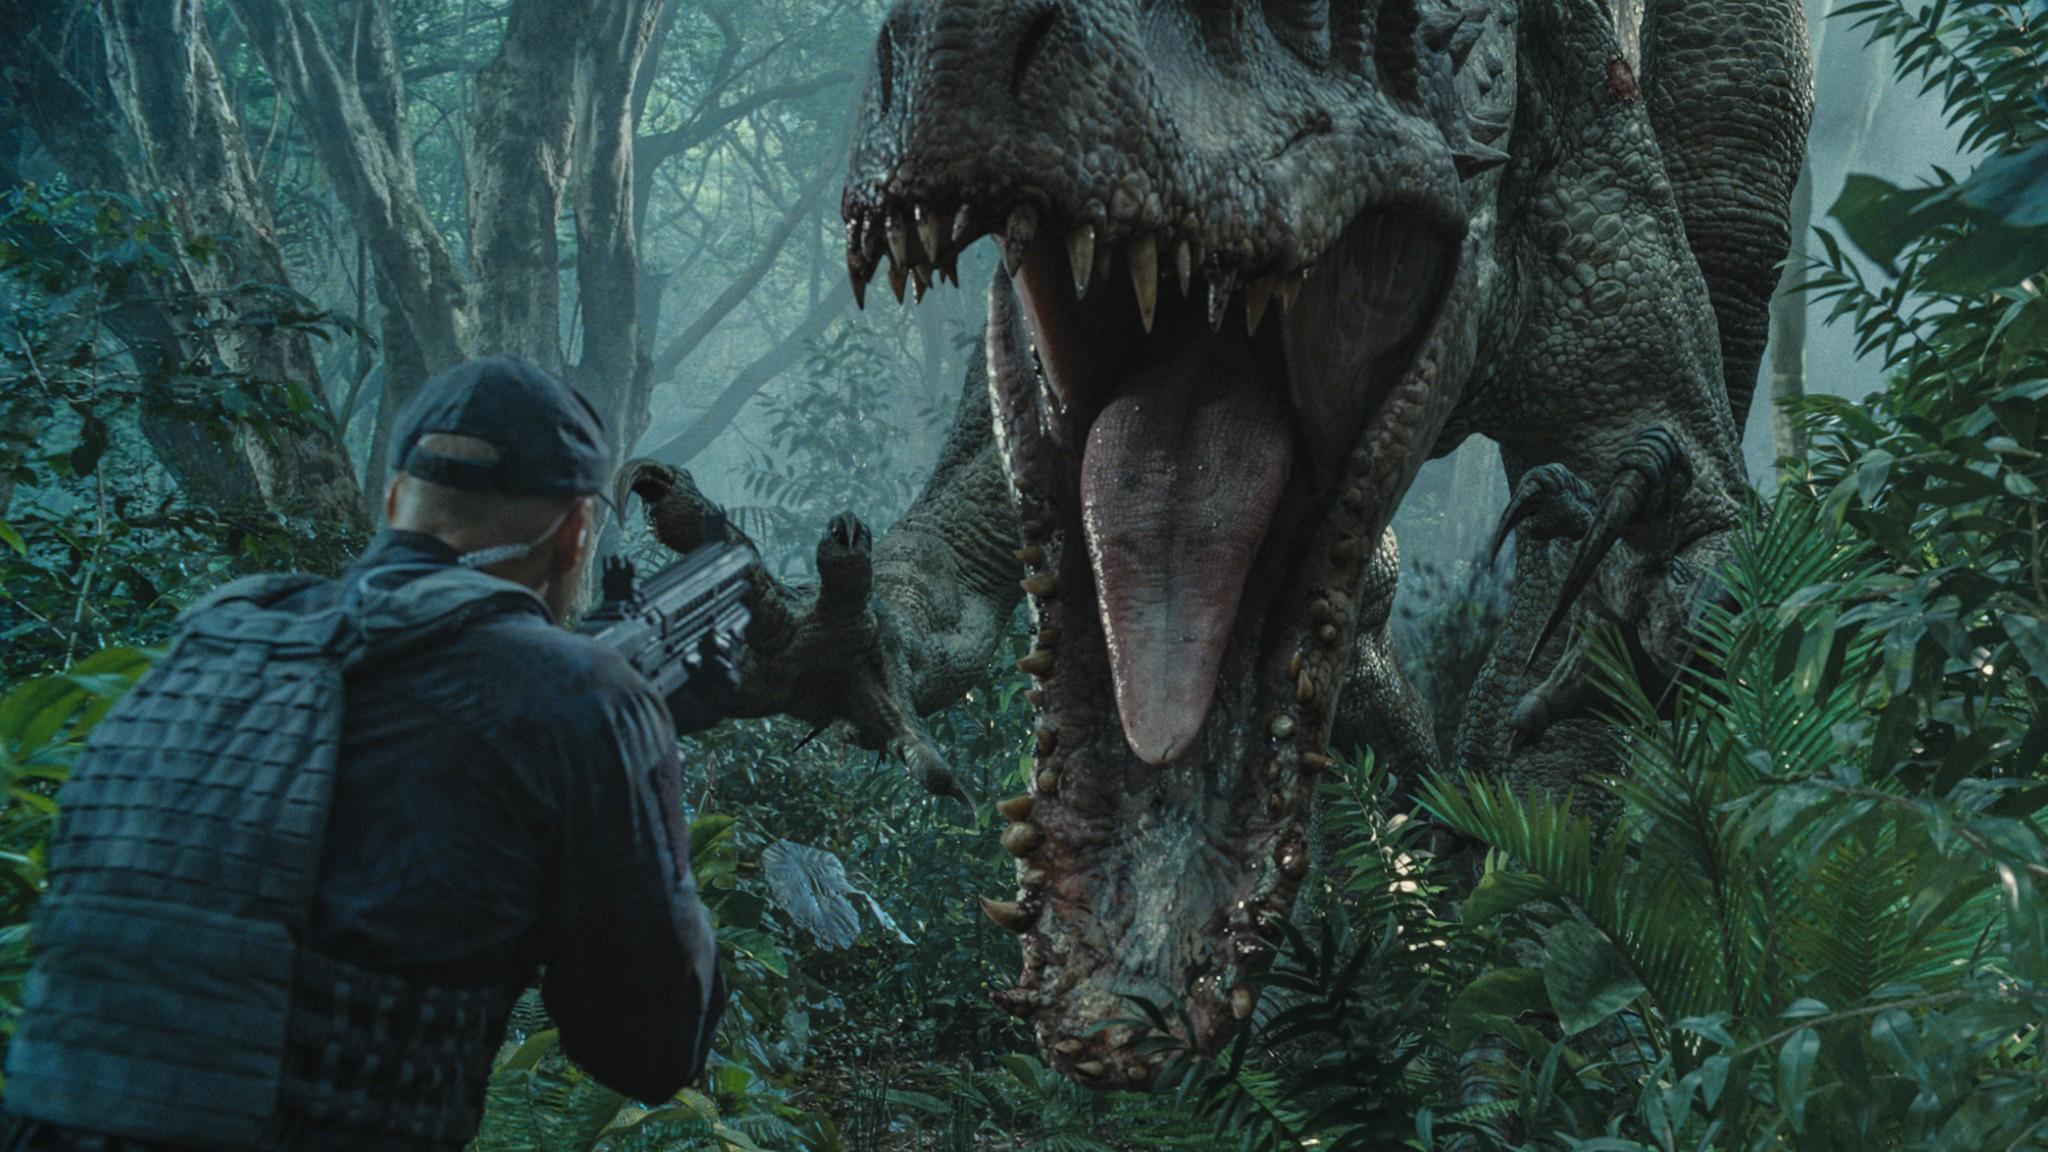 Jurassic World Indominus Rex - Featurette